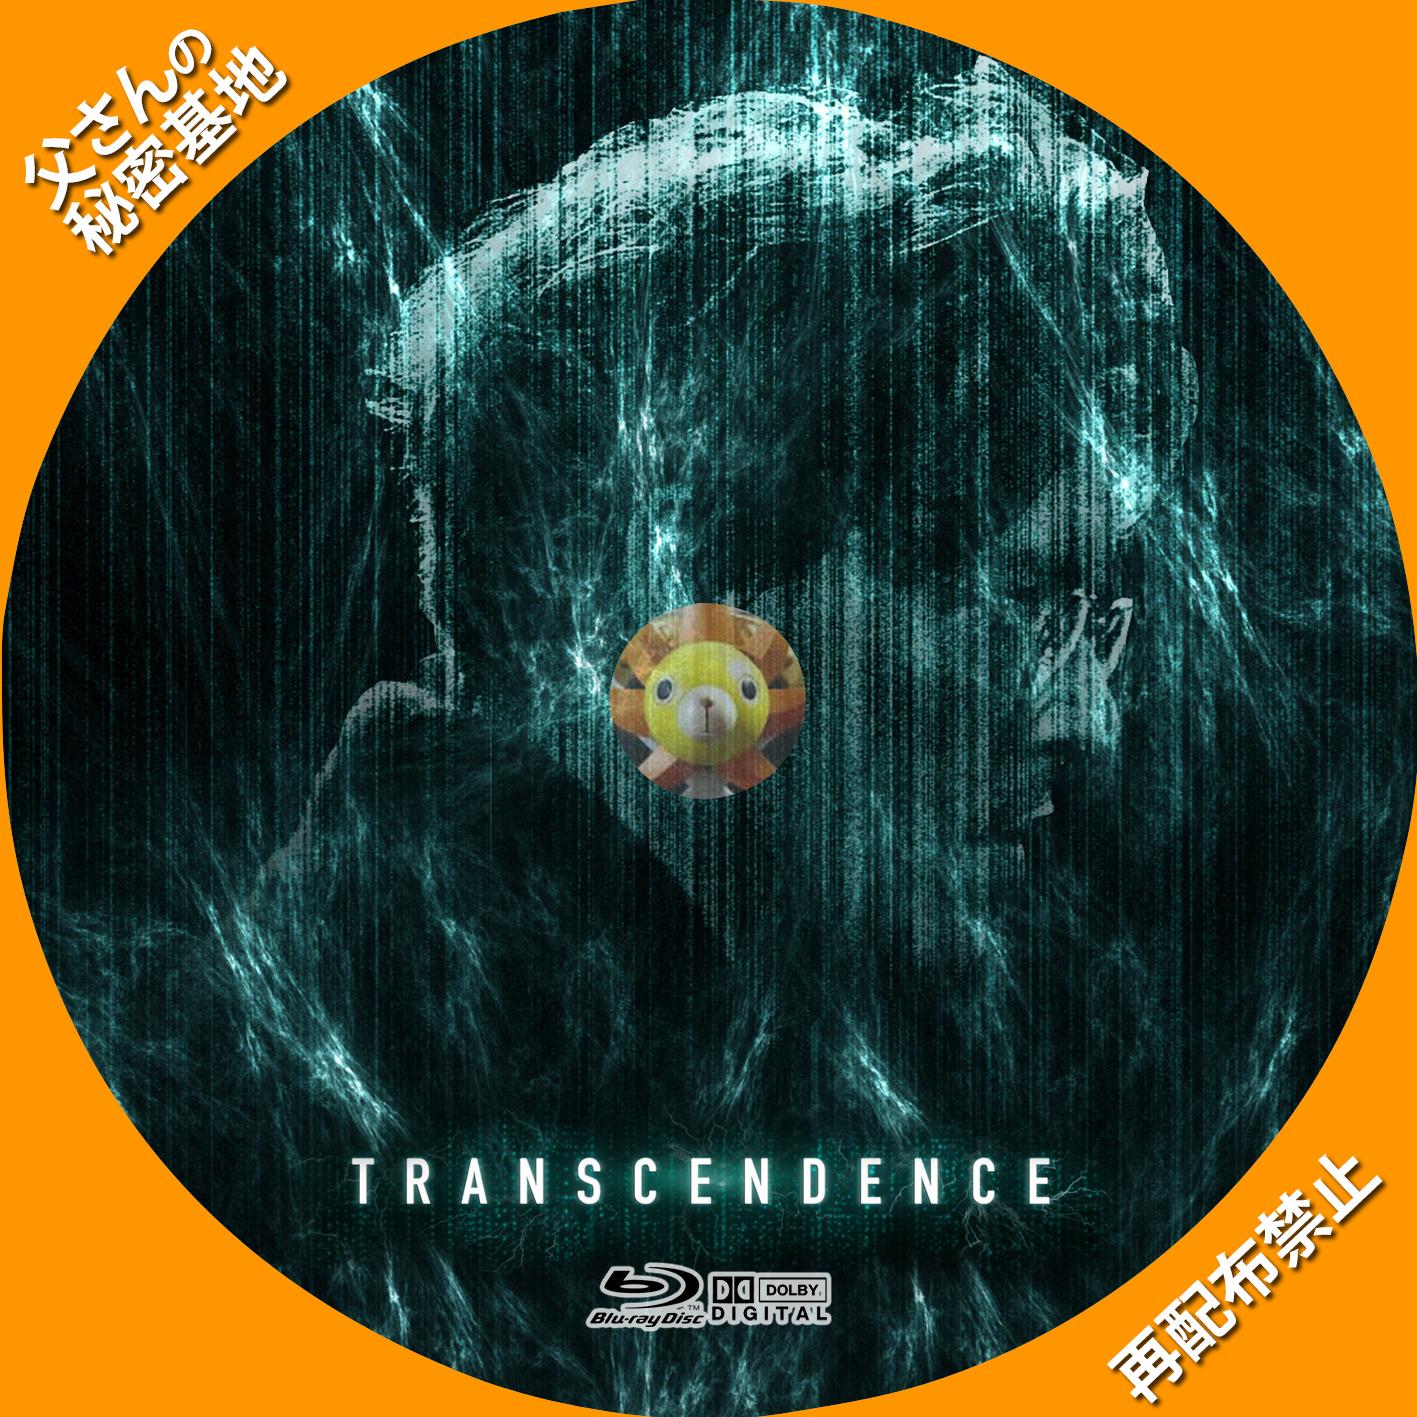 transcendence_BD02.jpg